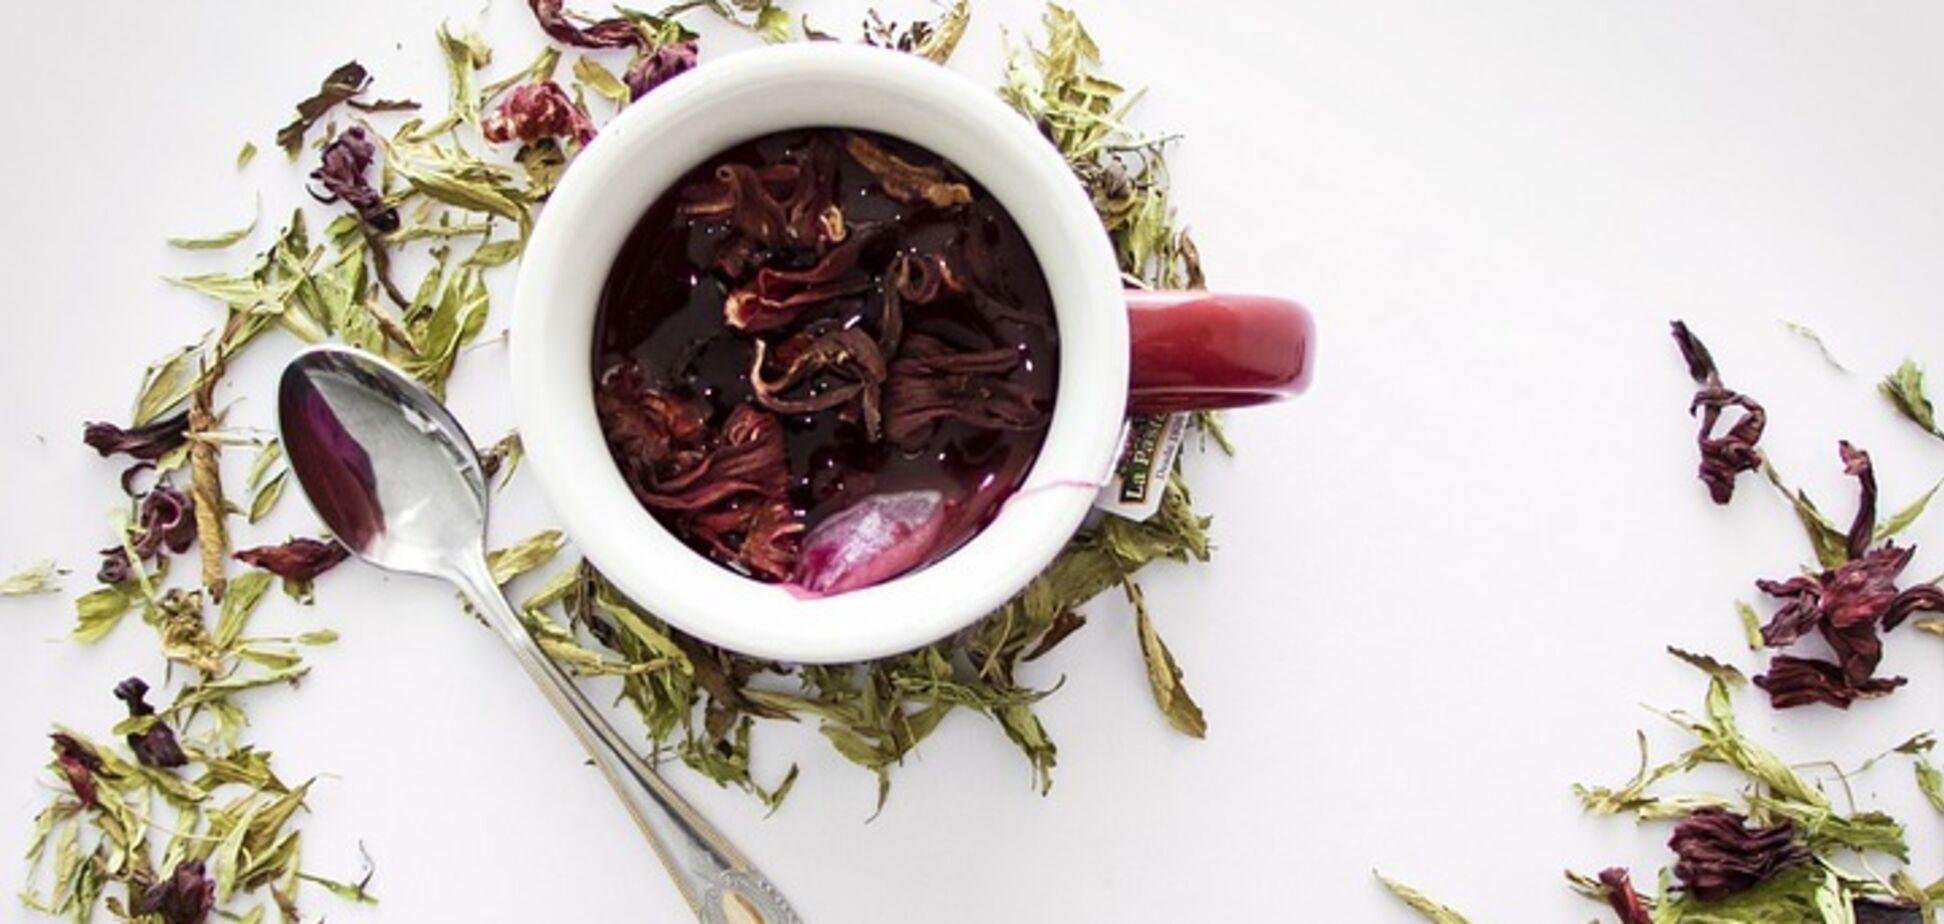 Гібіскус часто додають у трав'яні чаї в суміші з іншими компонентами